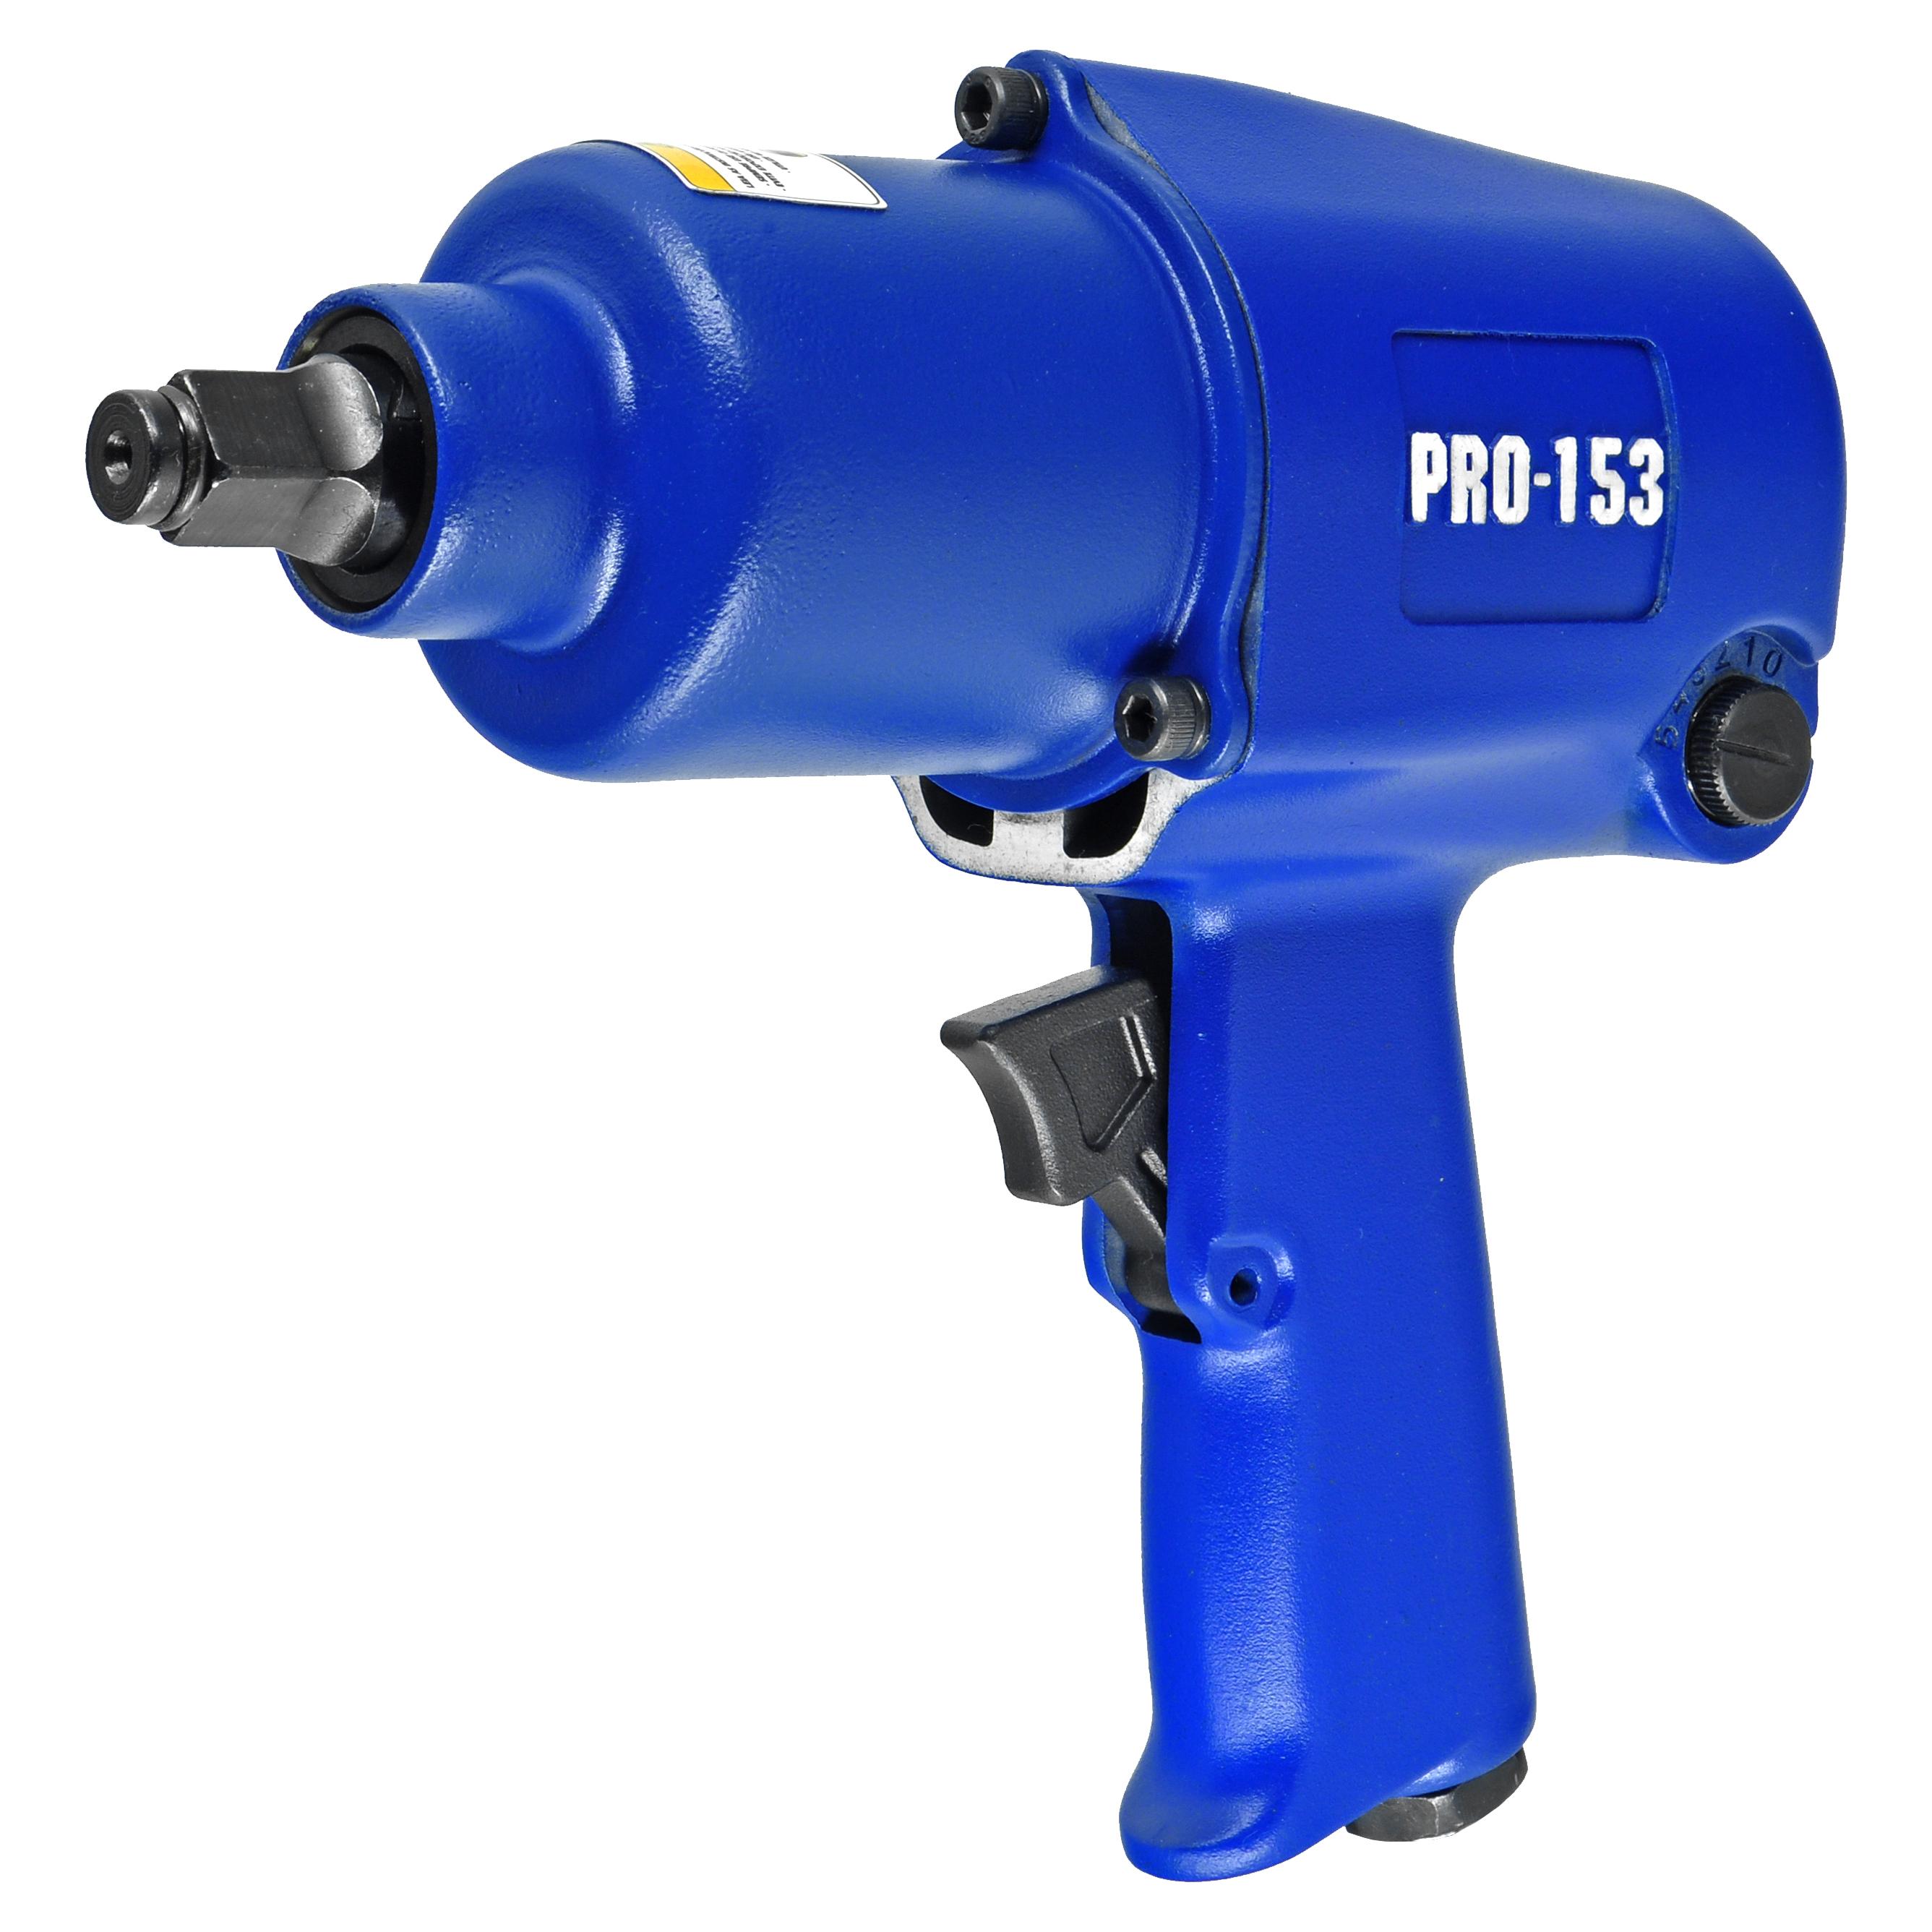 Chave de Impacto PRO-153